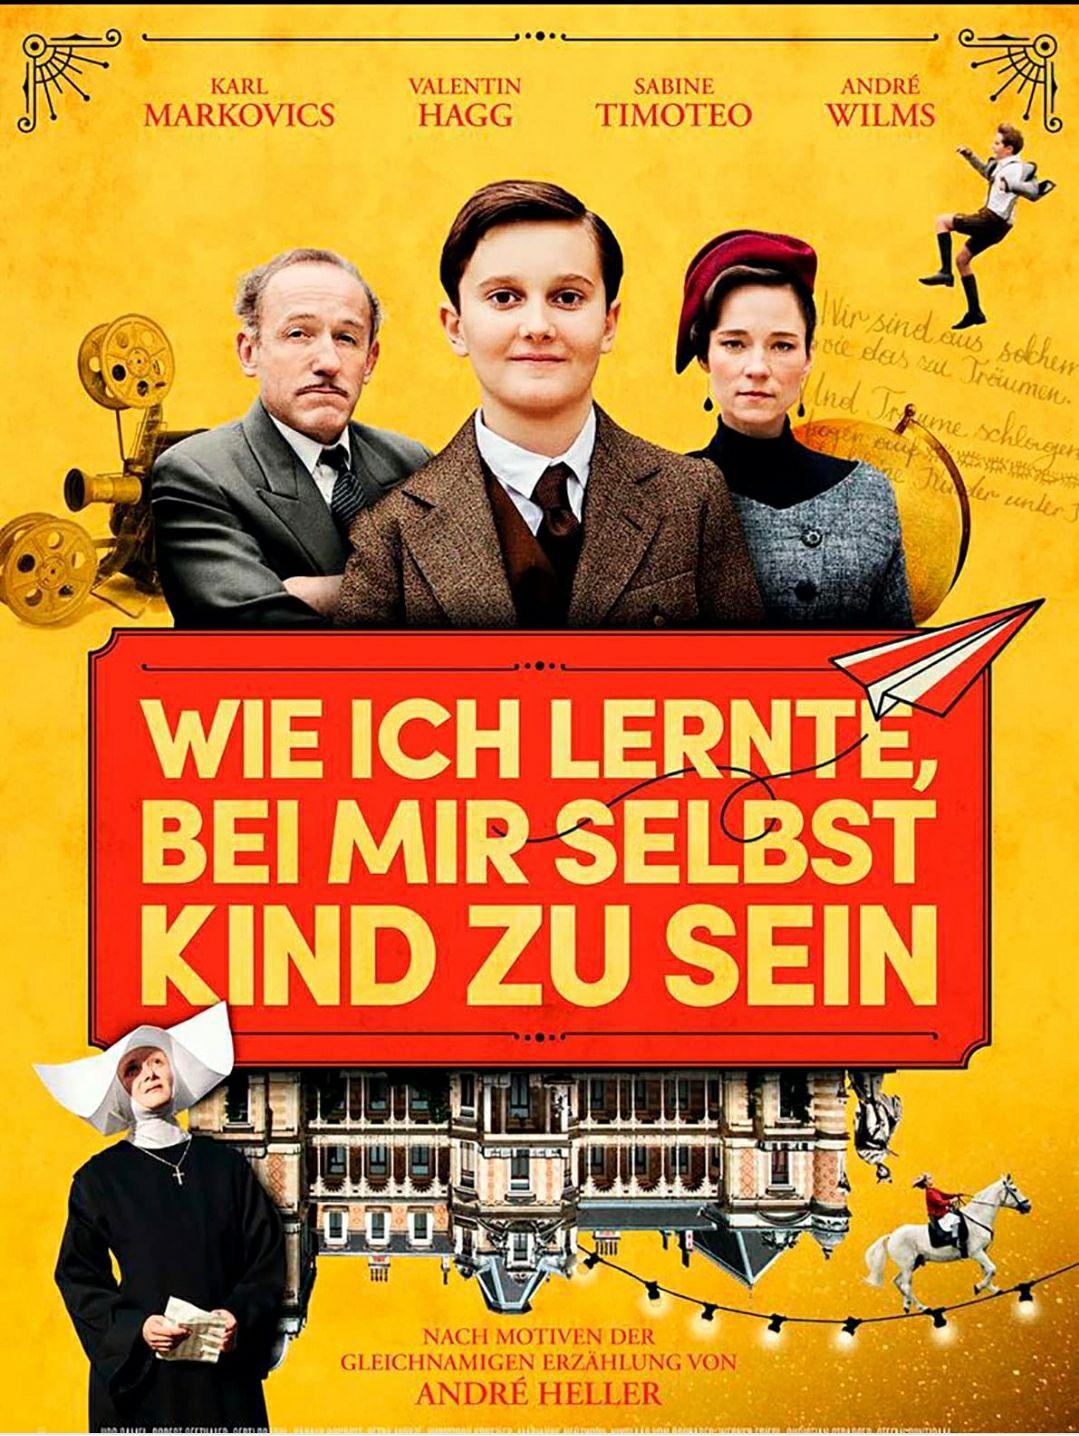 """[ARD Mediathek] """"Wie ich lernte, bei mir selbst Kind zu sein """" mit Karl Markovics kostenlos streamen [IMDb 7.0]"""